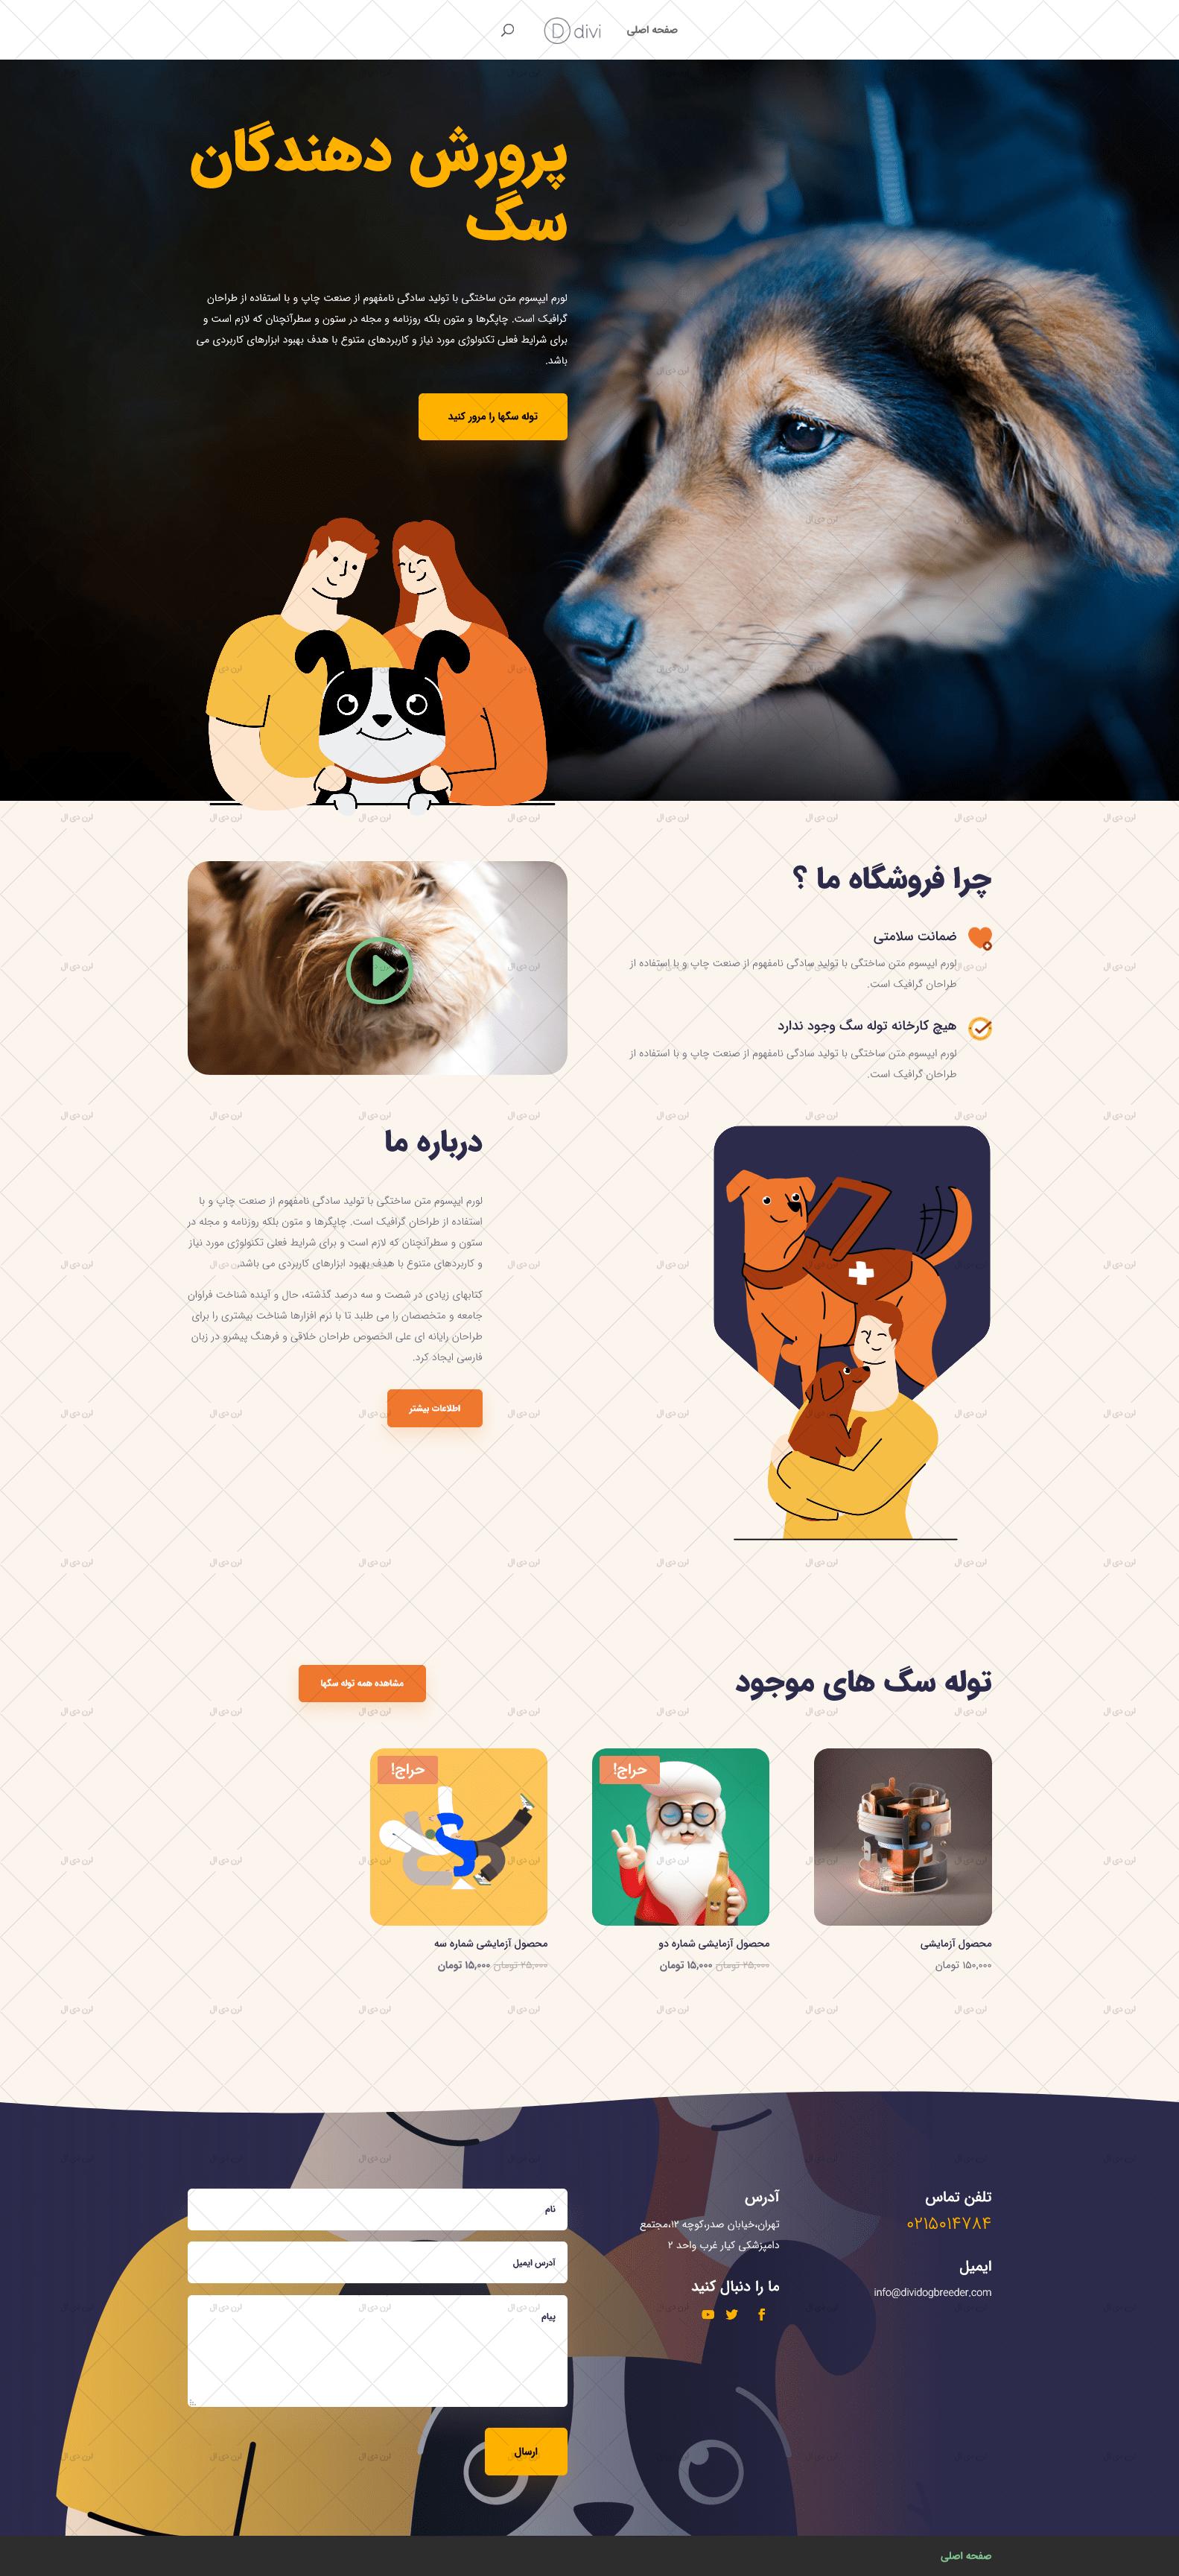 الگو فارسی قالب دیوی برای سایت های فروش حیوانات خانگی